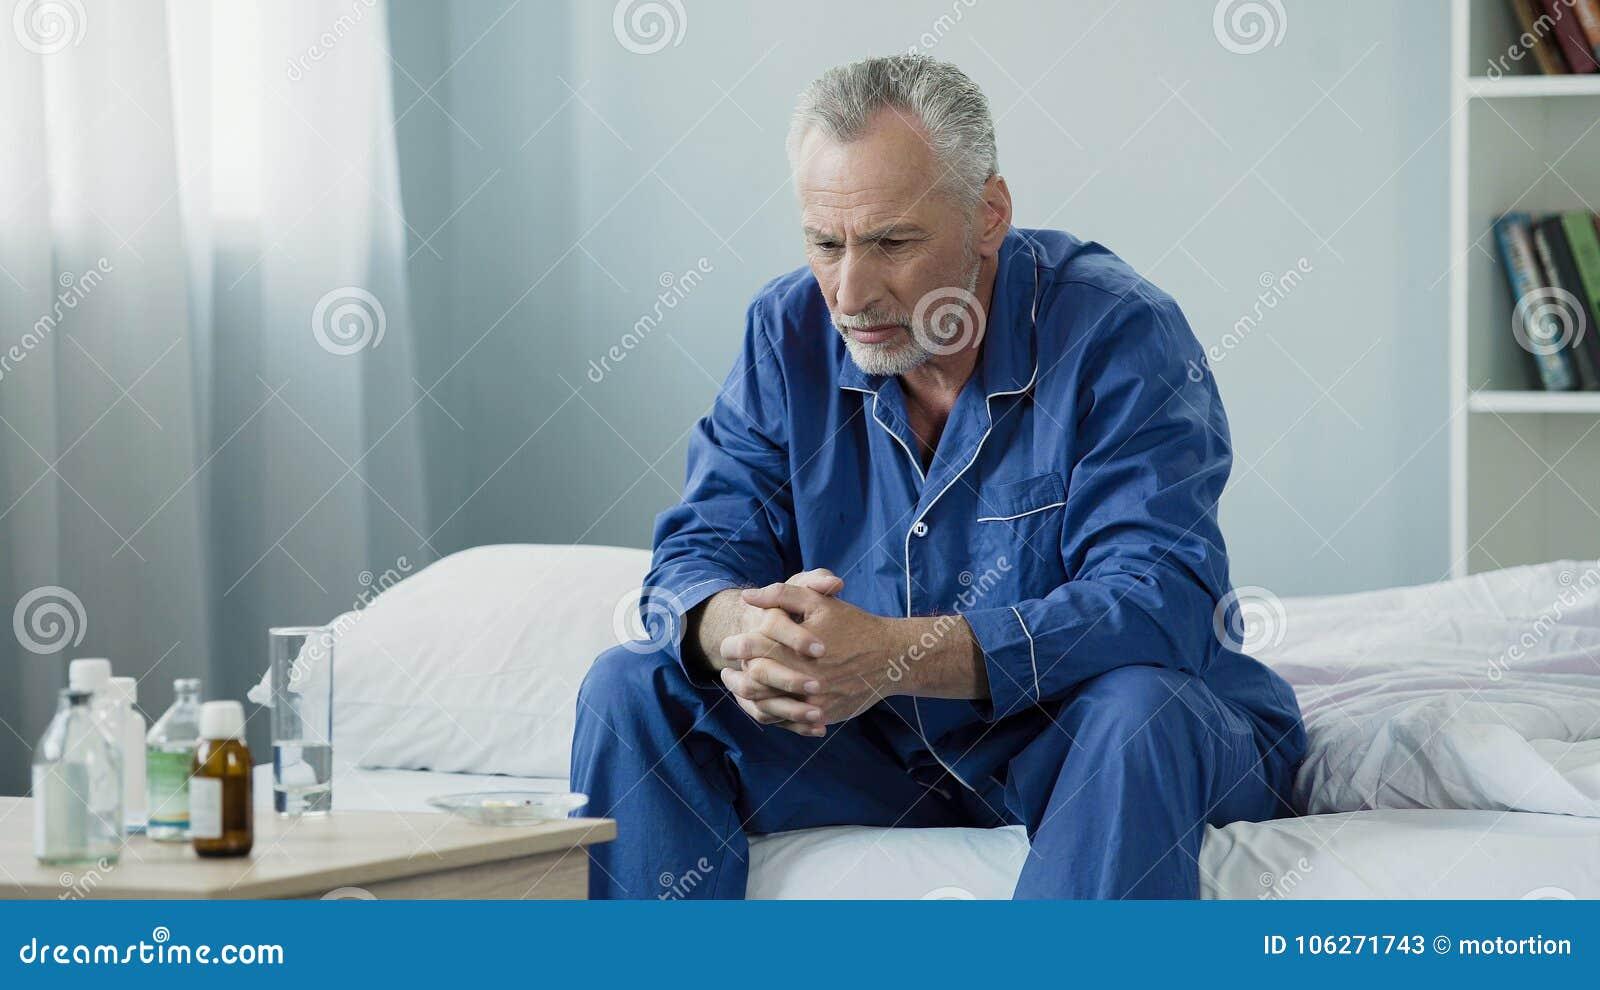 坐在床上和看药片、疗程和医疗保健的哀伤的老人